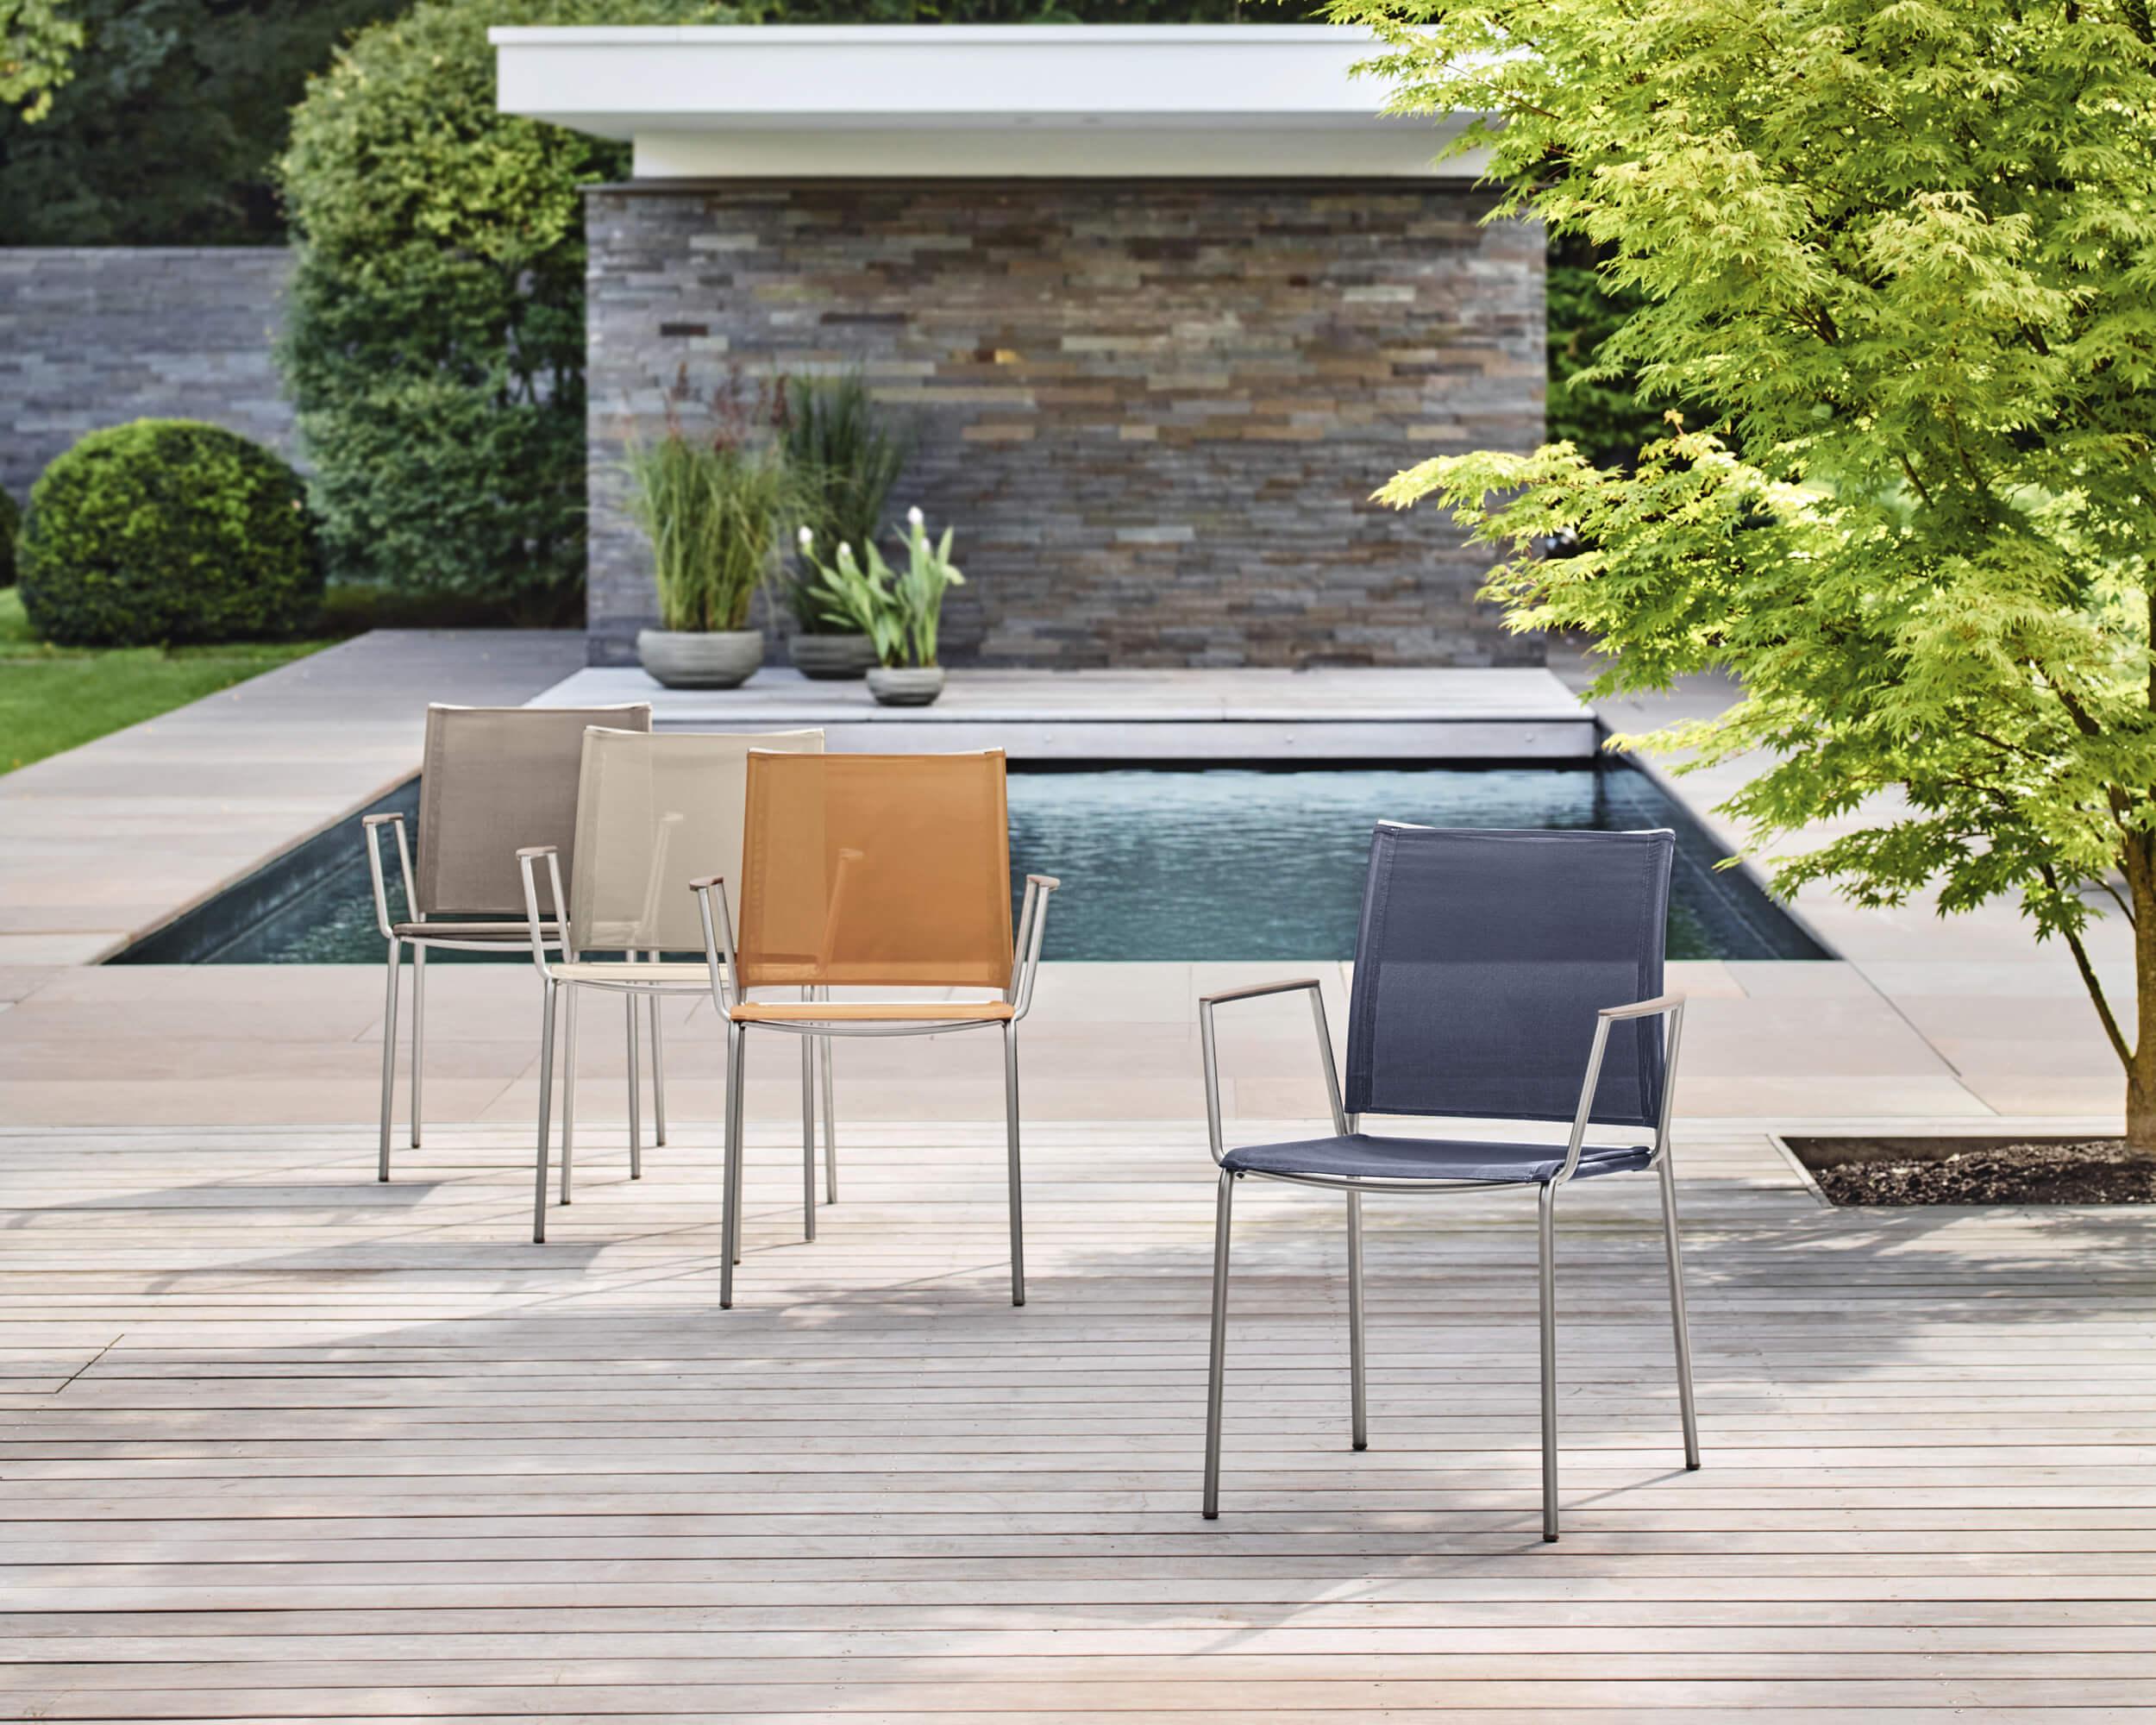 gartenmoebel n rnberg kollektion ideen garten design als inspiration mit beispielen von. Black Bedroom Furniture Sets. Home Design Ideas